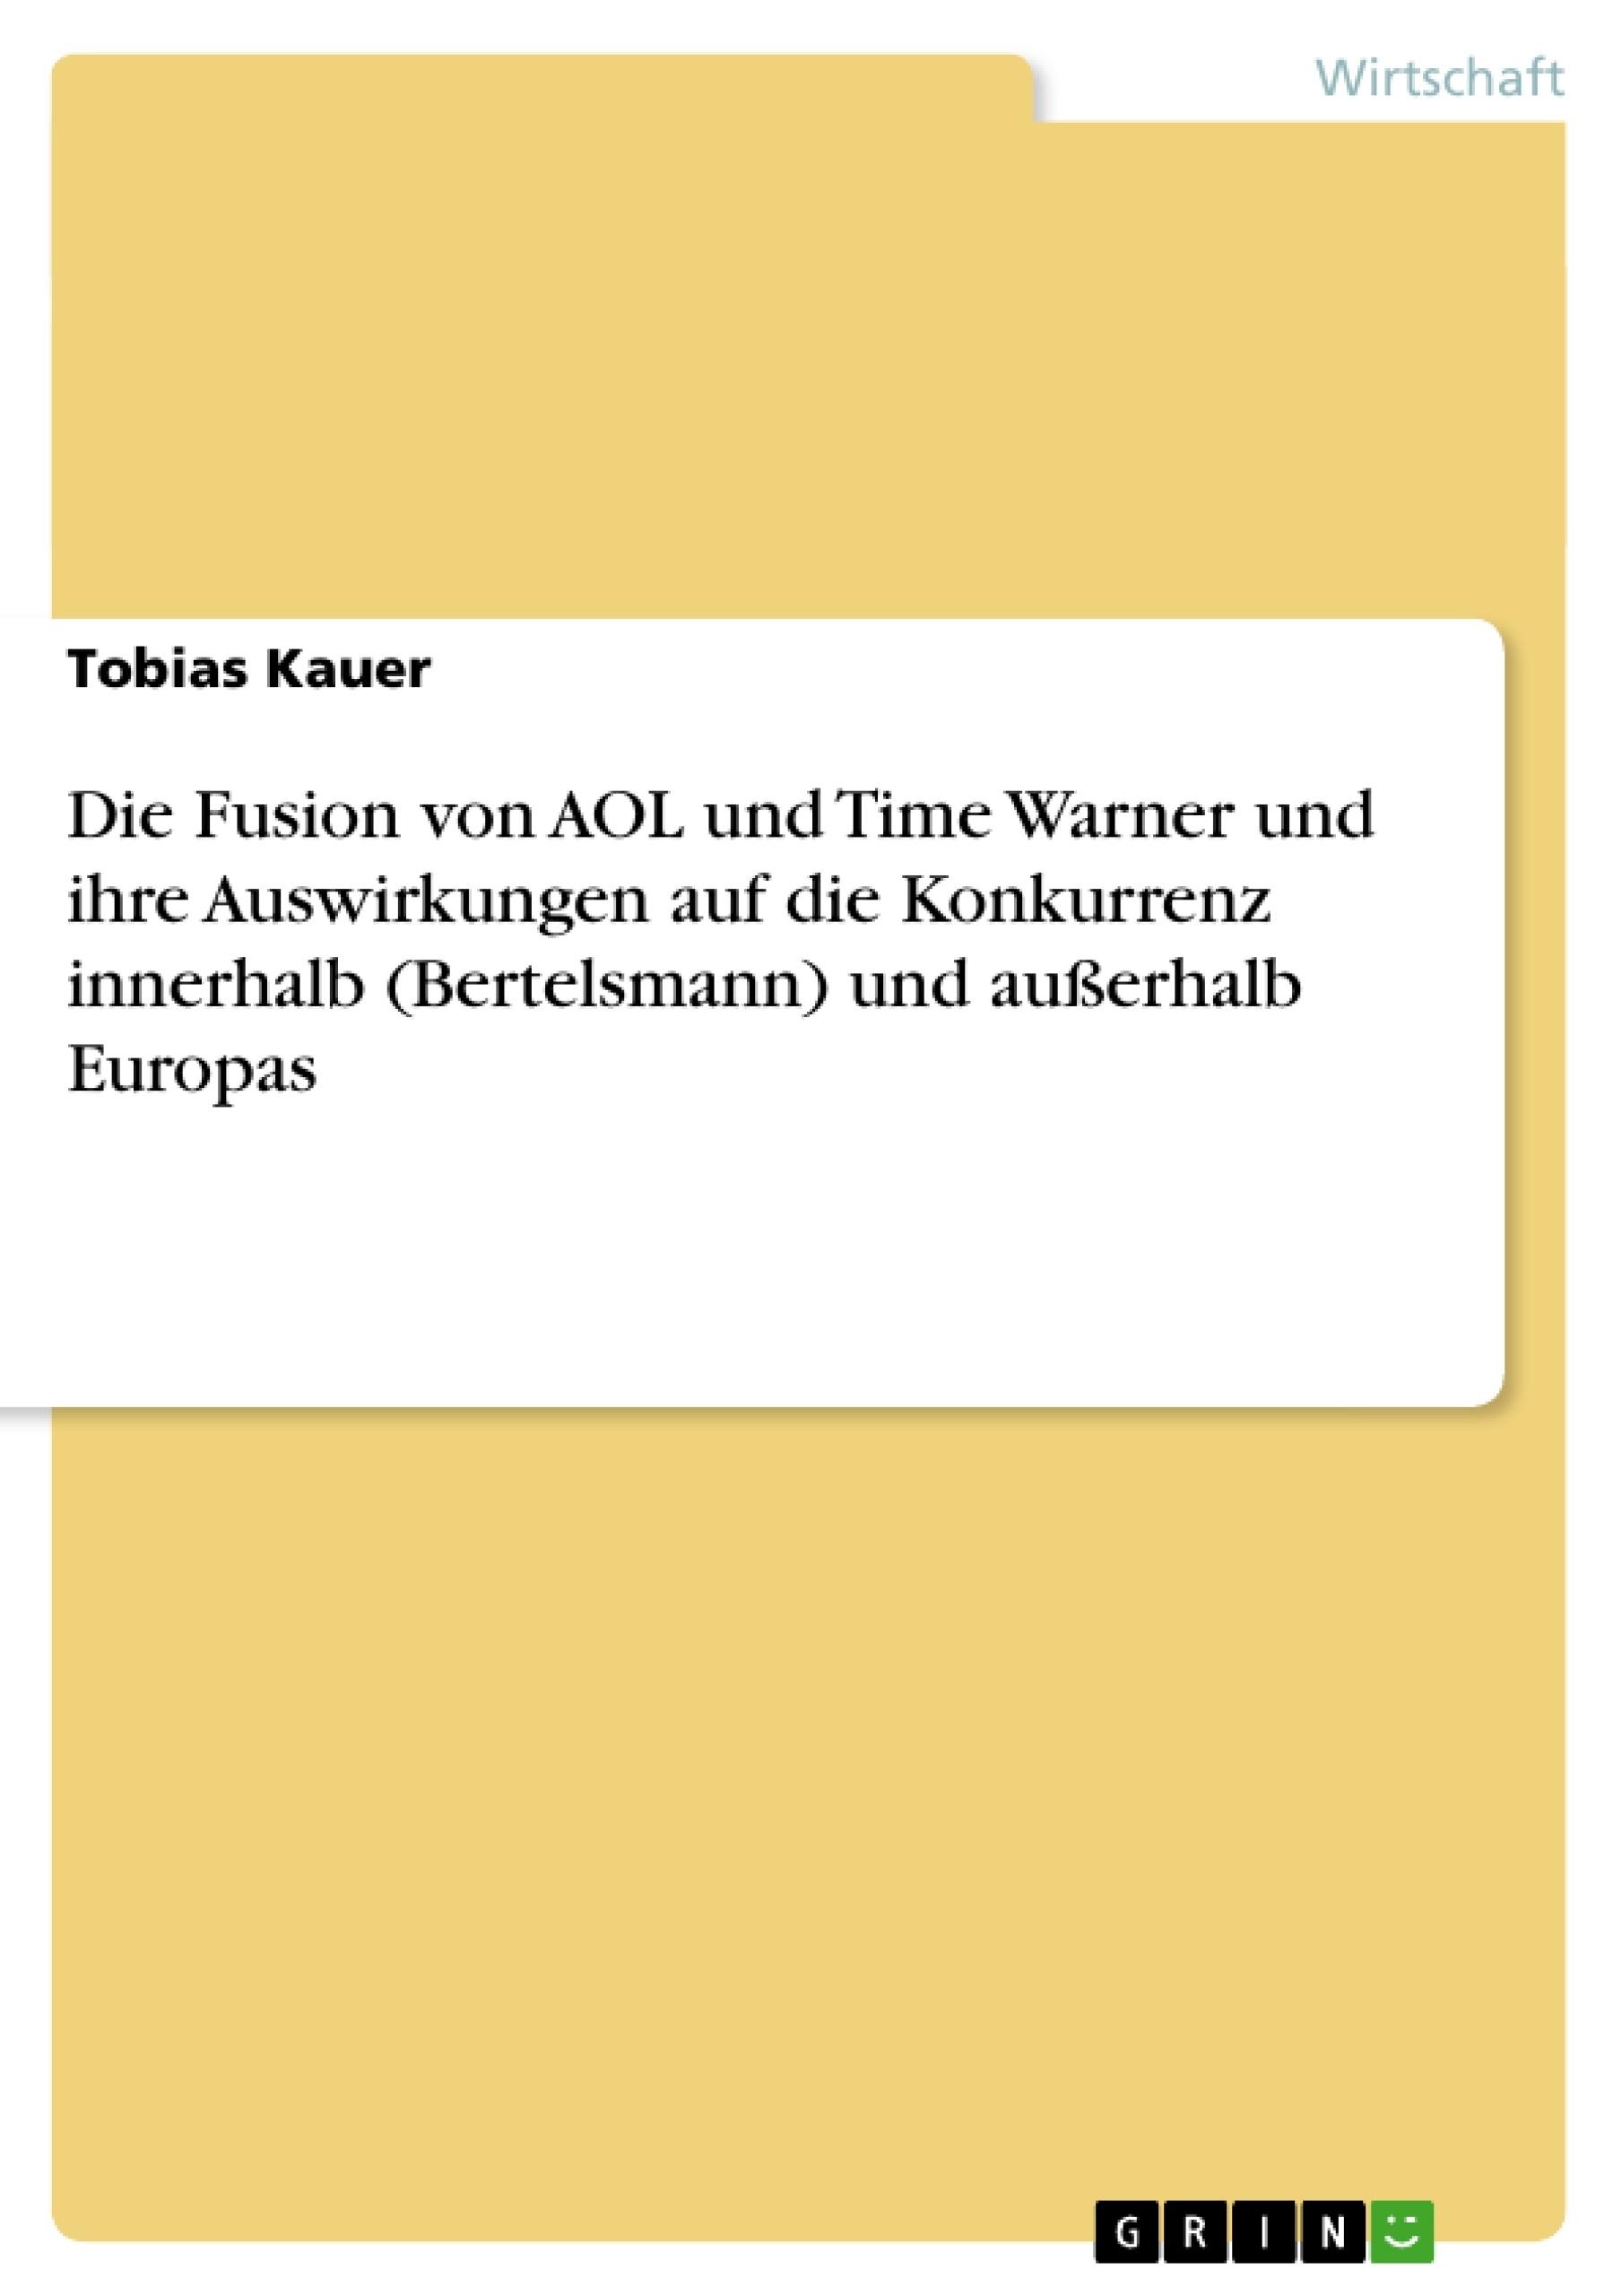 Titel: Die Fusion von AOL und Time Warner und ihre Auswirkungen auf die Konkurrenz innerhalb (Bertelsmann) und außerhalb Europas